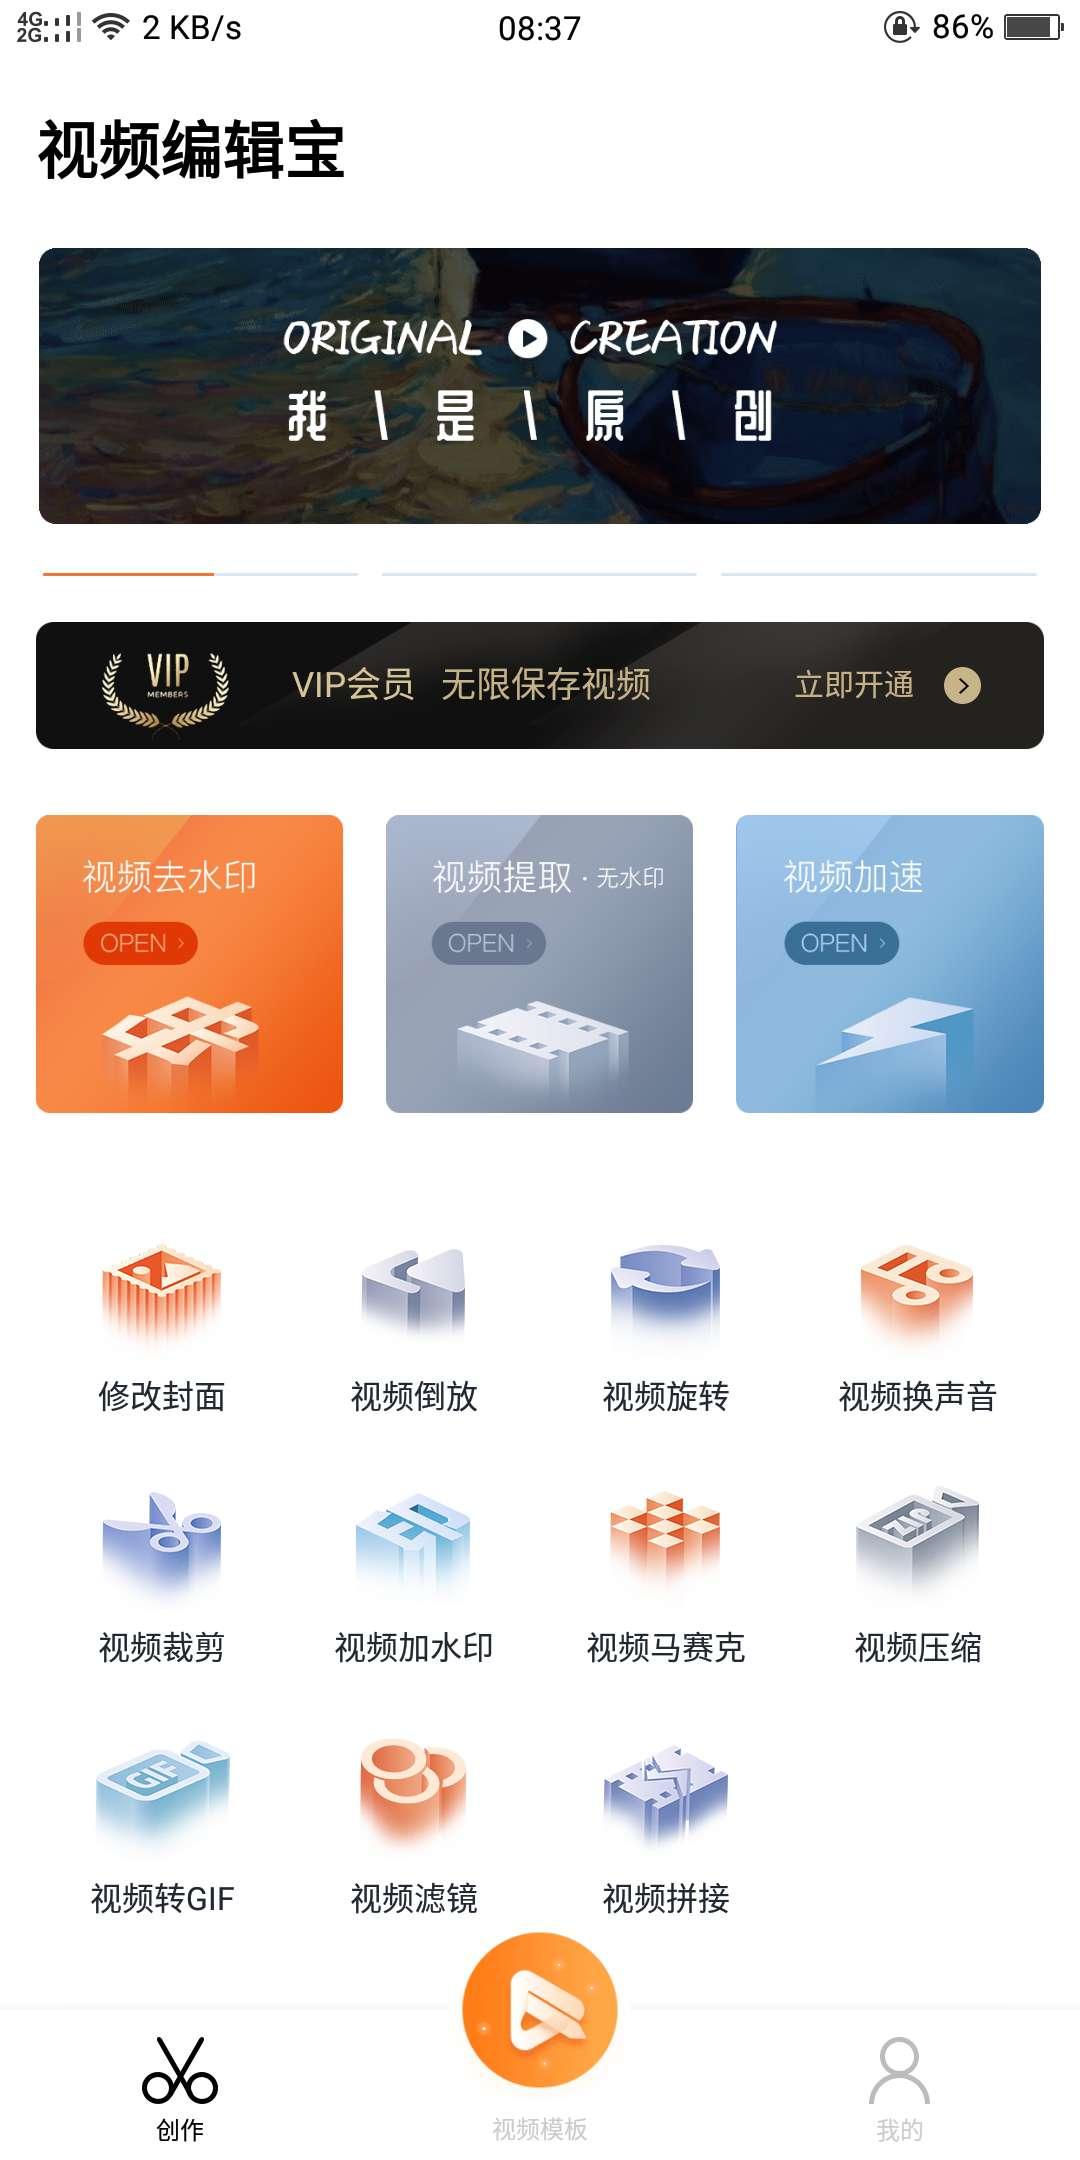 【分享】视频编辑宝v9999破解VIP——抖音热门必备神器-www.im86.com